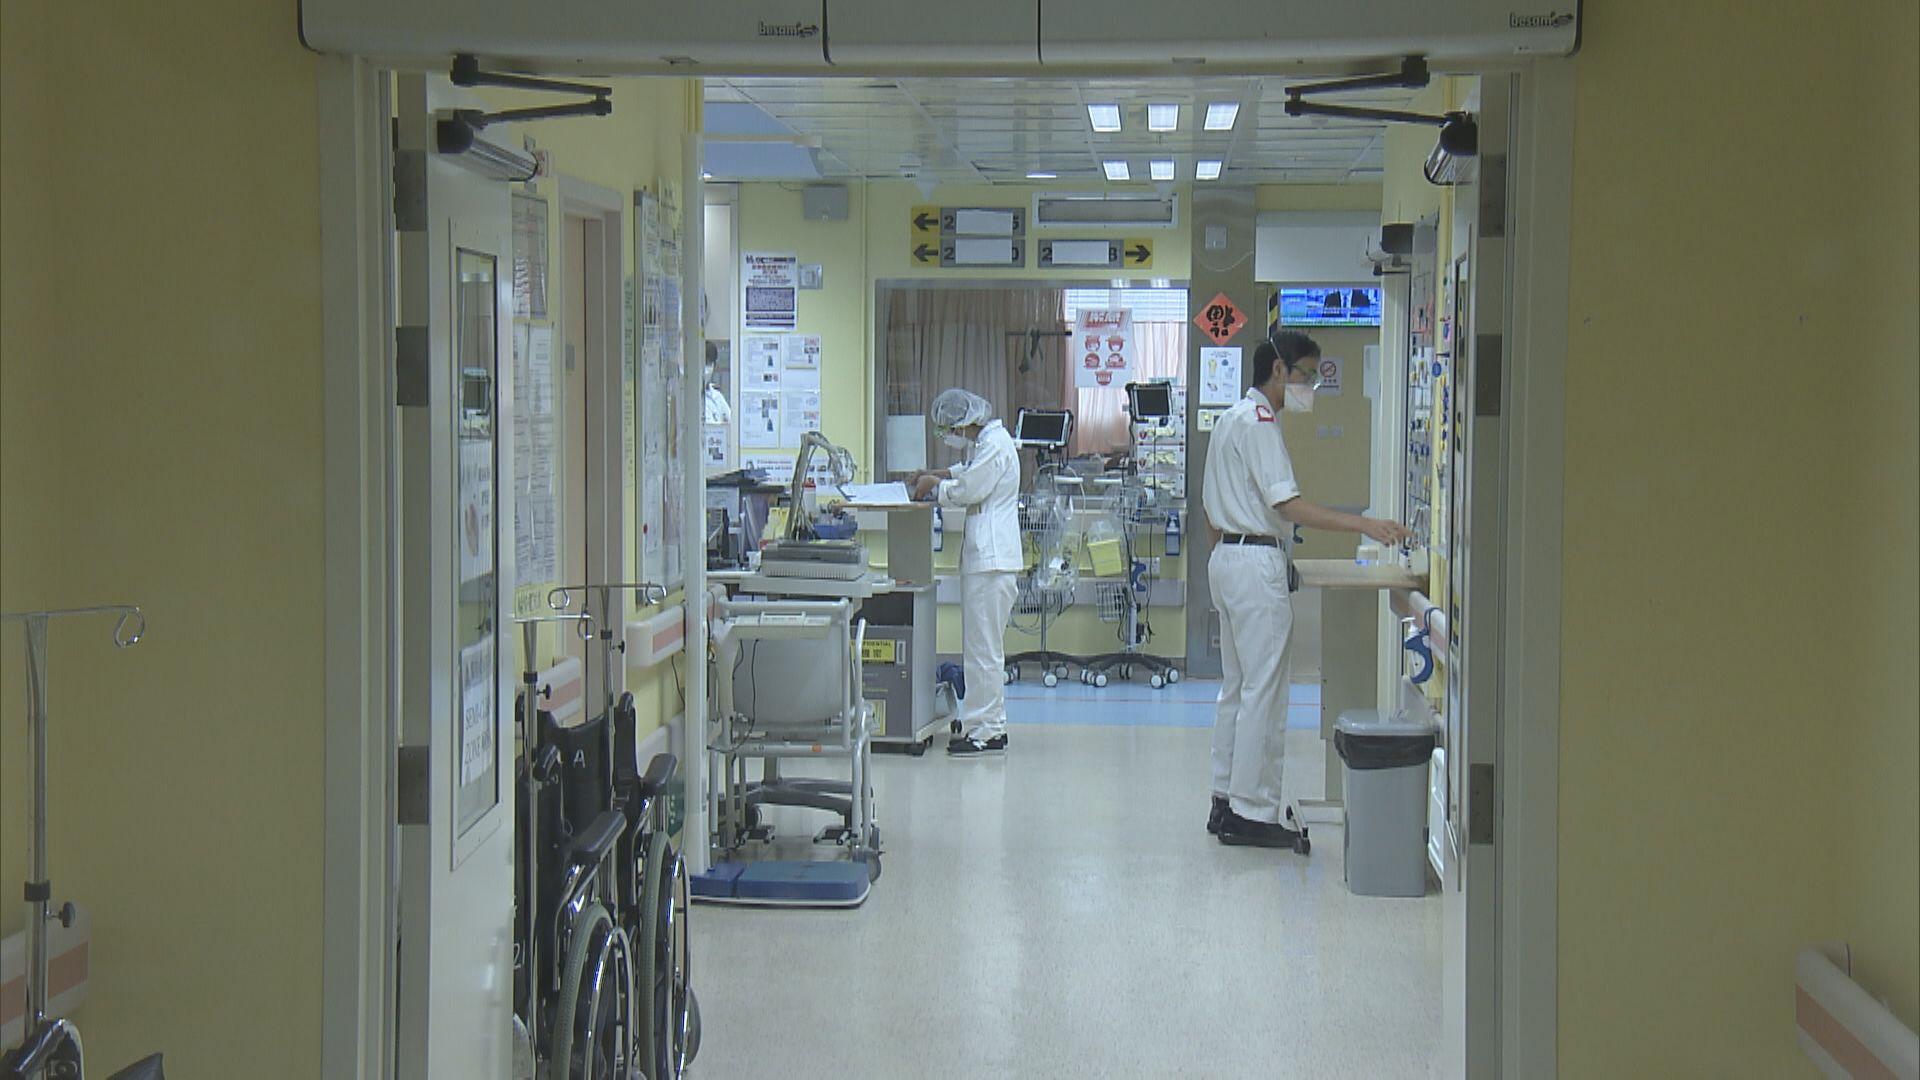 明愛醫院曾爆院內感染 醫院總結經驗防範新一波疫情